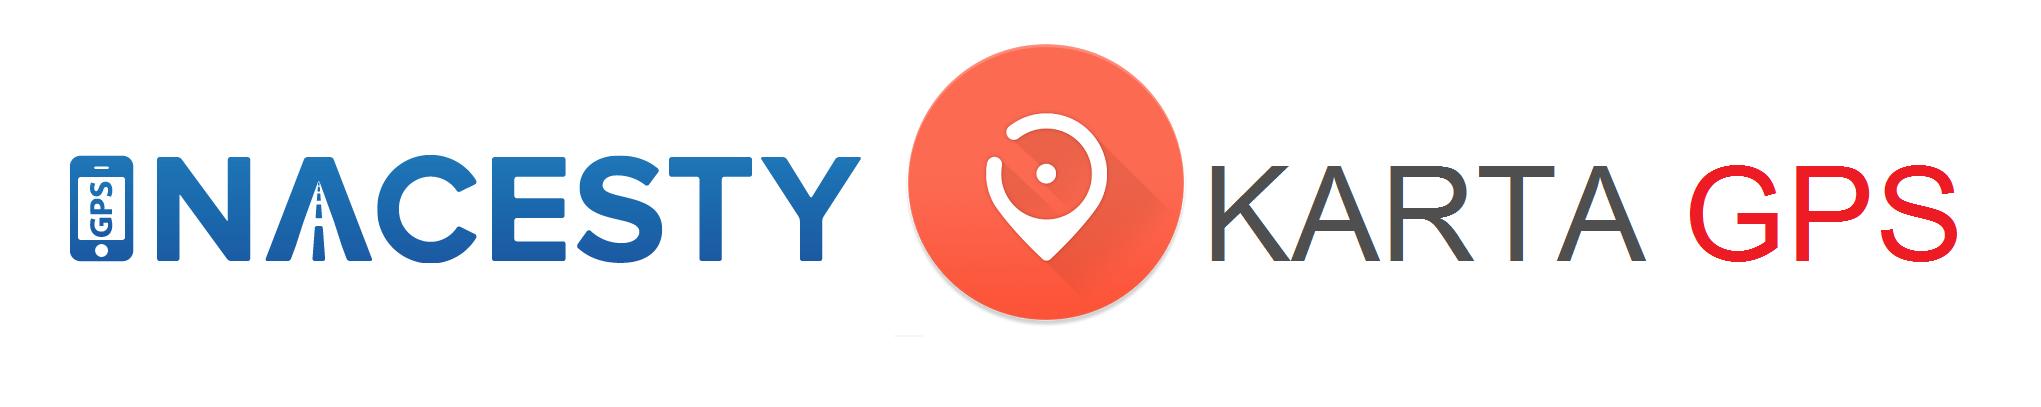 GPS NaCesty_Karta GPS